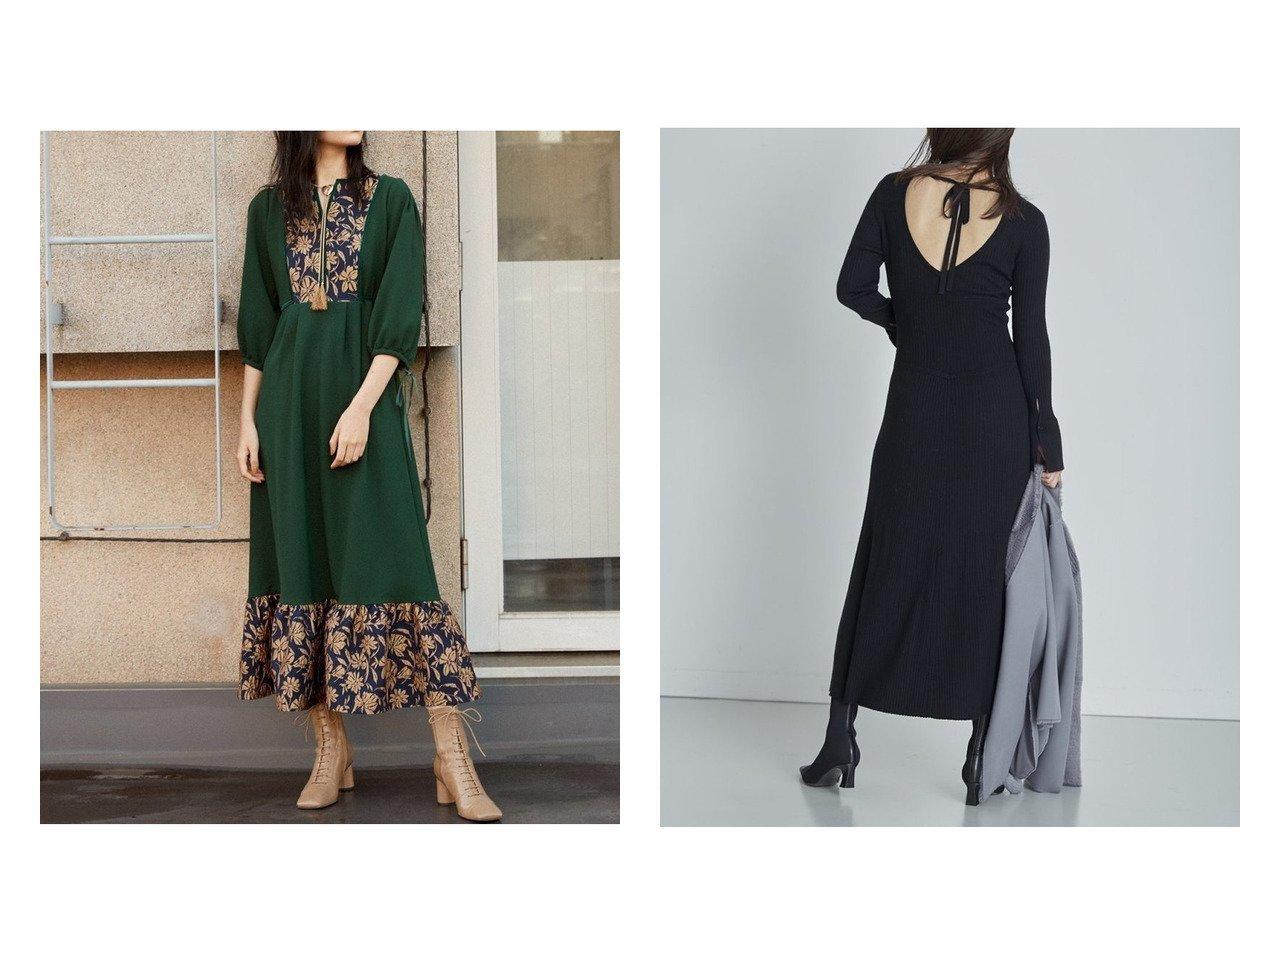 【Lily Brown/リリーブラウン】のジャガードスイッチングワンピース&【FRAY I.D/フレイ アイディー】のコルセットリブニットワンピ ワンピース・ドレスのおすすめ!人気、トレンド・レディースファッションの通販 おすすめで人気の流行・トレンド、ファッションの通販商品 メンズファッション・キッズファッション・インテリア・家具・レディースファッション・服の通販 founy(ファニー) https://founy.com/ ファッション Fashion レディースファッション WOMEN ワンピース Dress マキシワンピース Maxi Dress ニットワンピース Knit Dresses フロント ベロア マキシ リボン リラックス ロング ヴィンテージ 今季 12月号 コルセット コンシャス ドレス フレア |ID:crp329100000011514